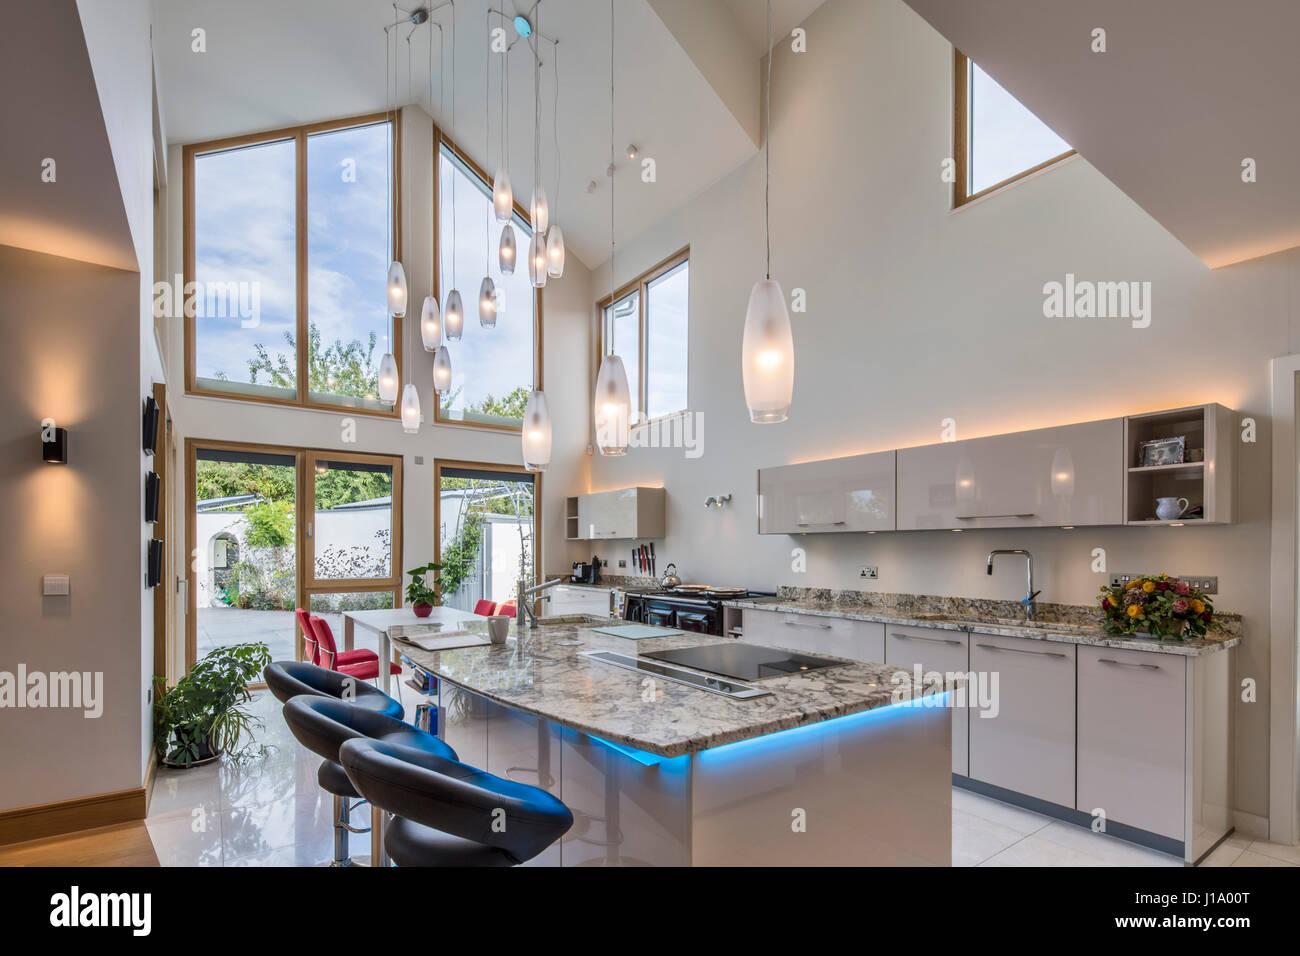 Berühmt Bilder Modulare Küche Design Ideen - Ideen Für Die Küche ...